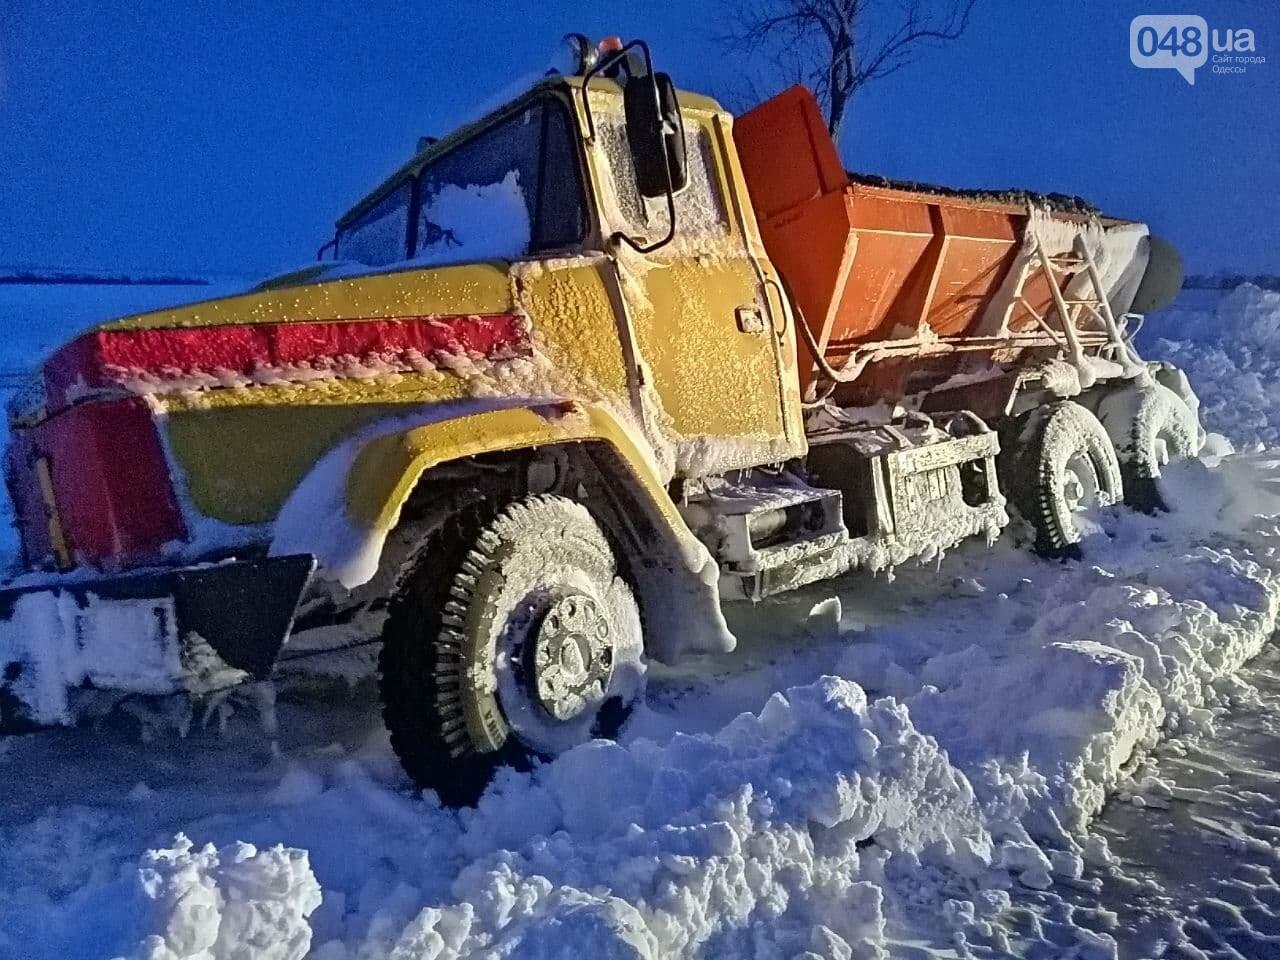 300 грузовых автомобилей застряли в снегу на трассах в Одесской области,- ФОТО, ВИДЕО, фото-4